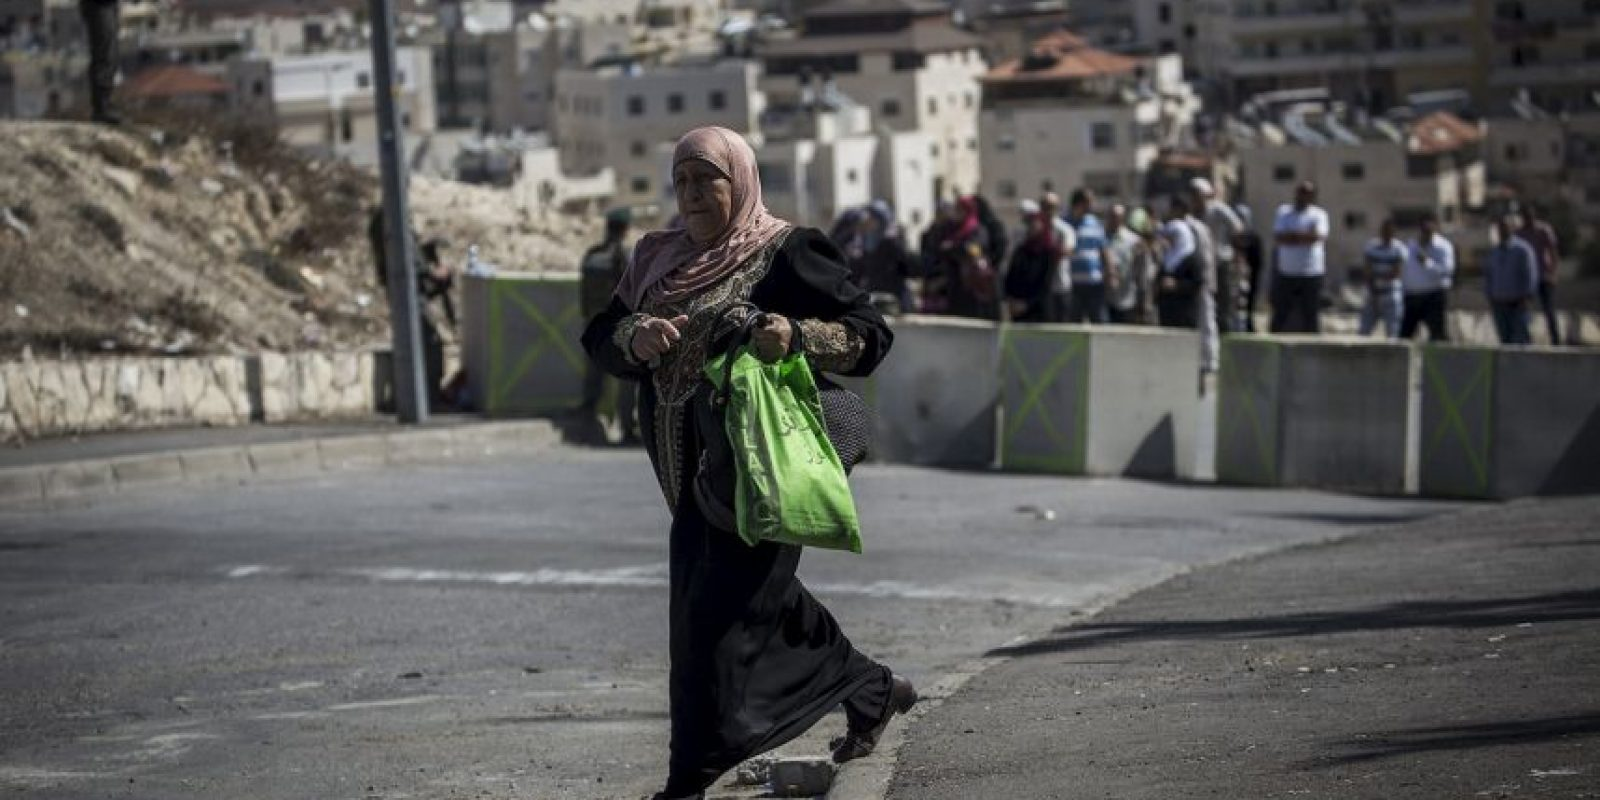 """8. Es medio explica que hay dos territorios palestinos, que son Cisjordania. """"Cisjordania se encuentra entre Jerusalén –reclamada como capital tanto por palestinos como por israelíes– y Jordania, mientras que Gaza es una franja de 41 km de largo y entre 6 y 12 km de ancho"""", reseñó BBC. Foto:Getty Images"""